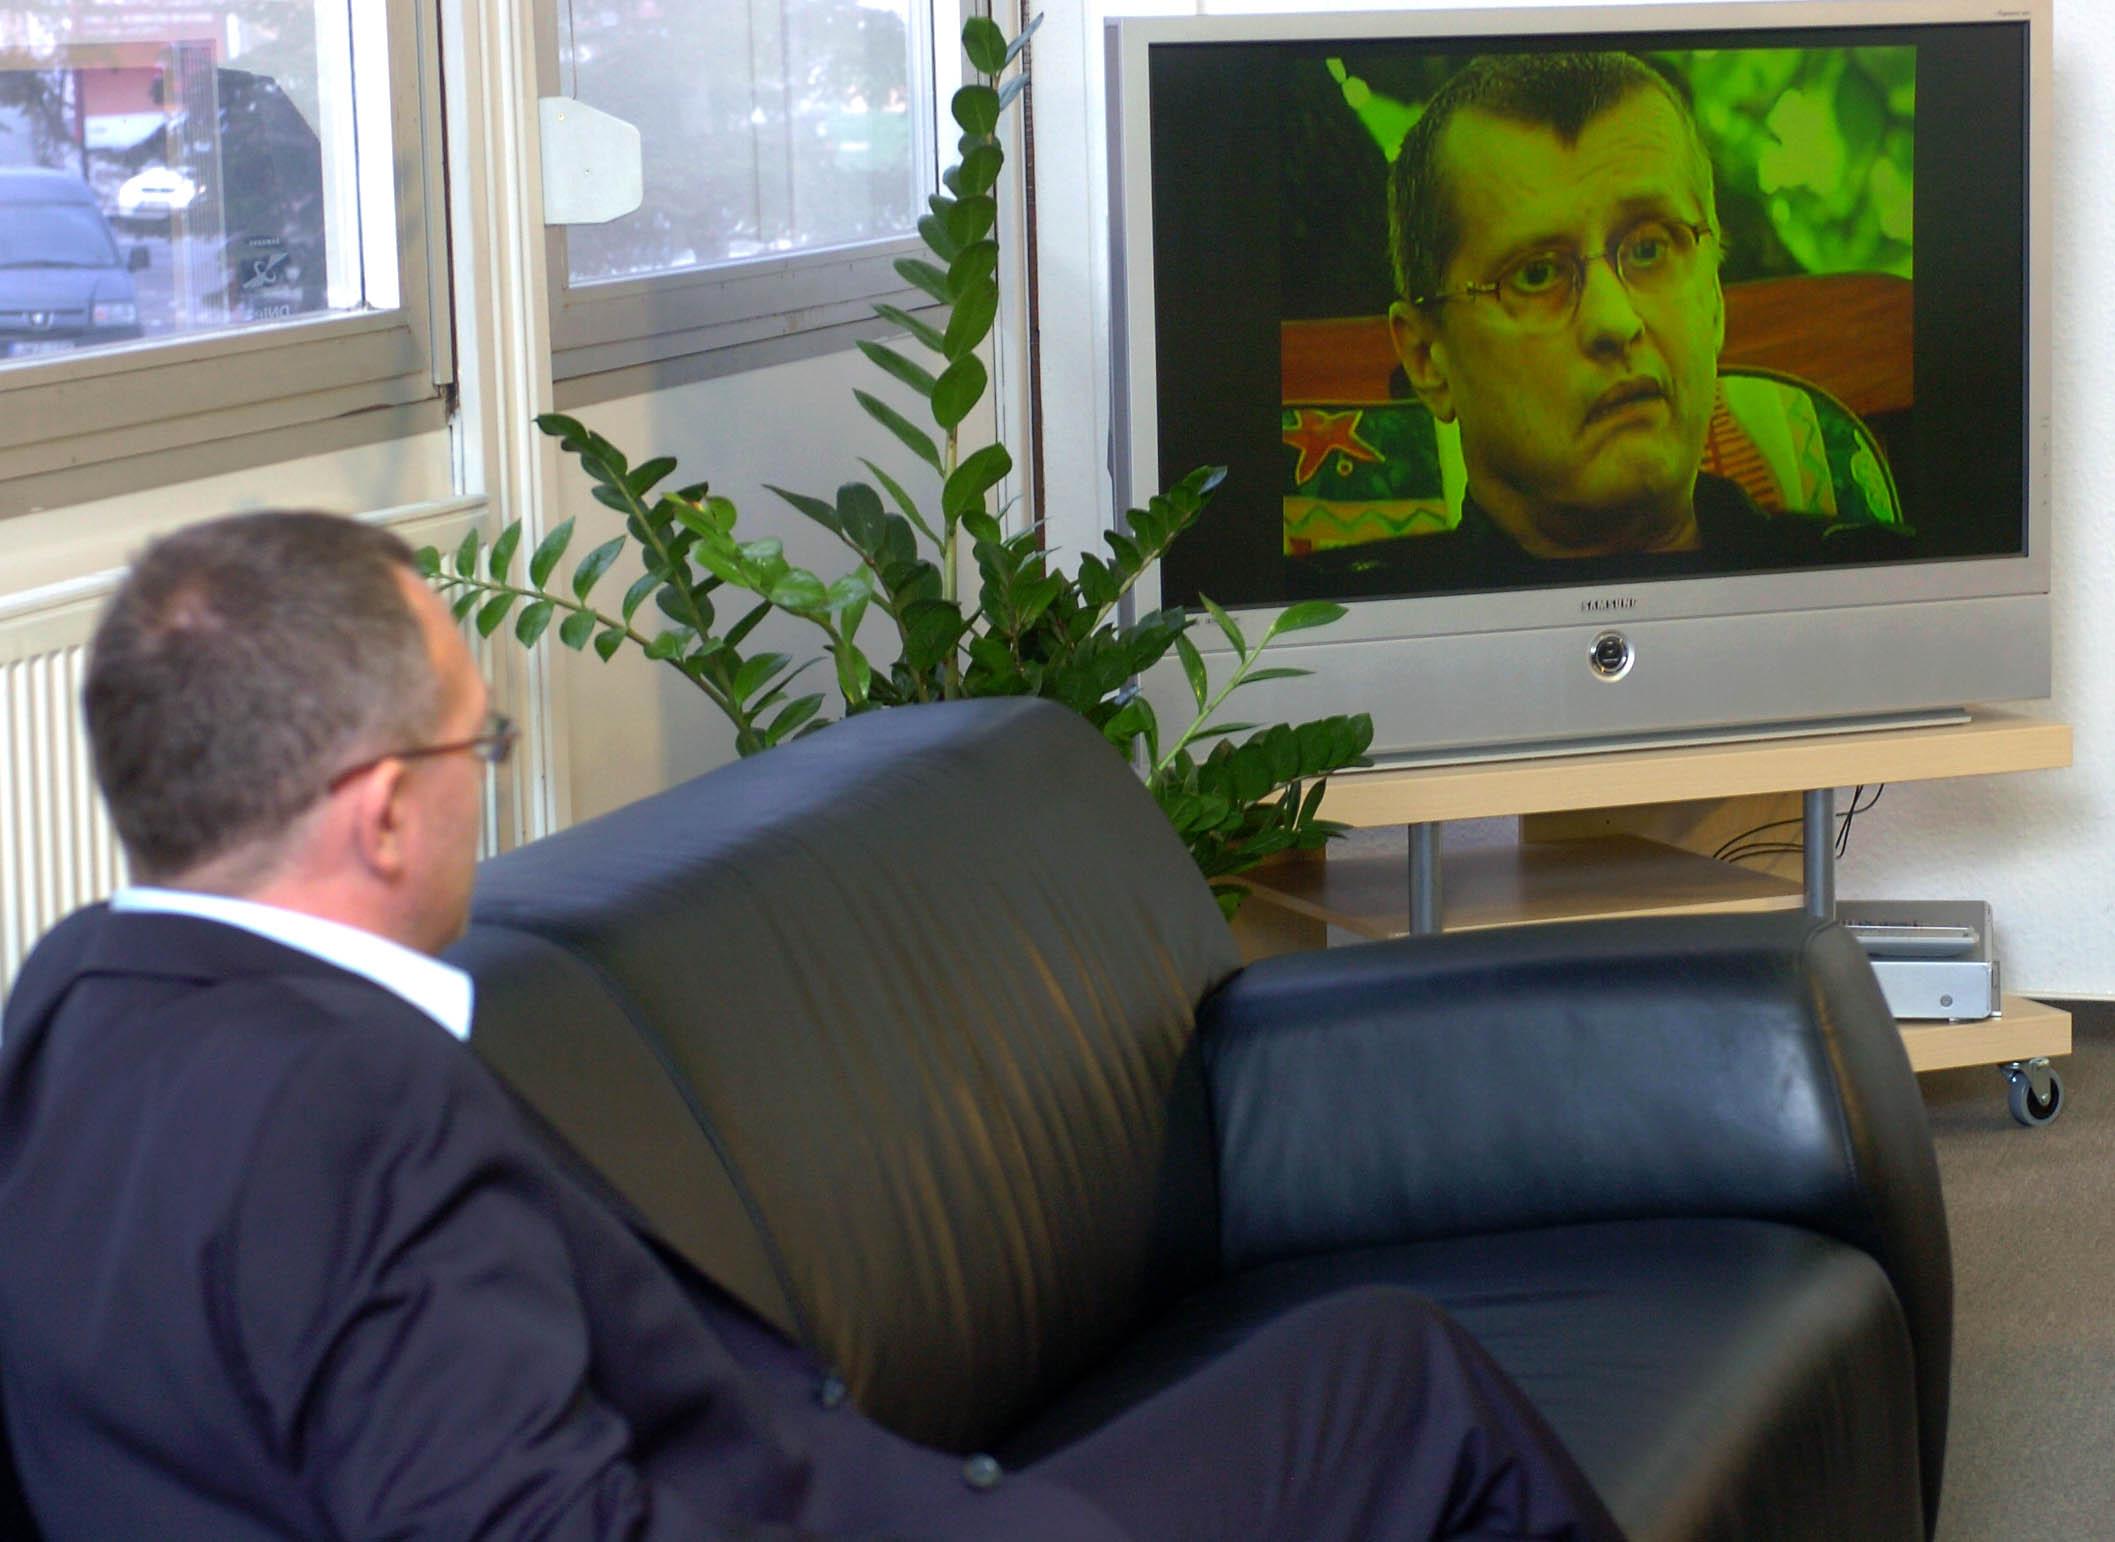 Gulyás István, az Echo TV vezérigazgatója néz egy filmrészletet a csatorna által szervezett tájékoztatón / Fotó: MTI